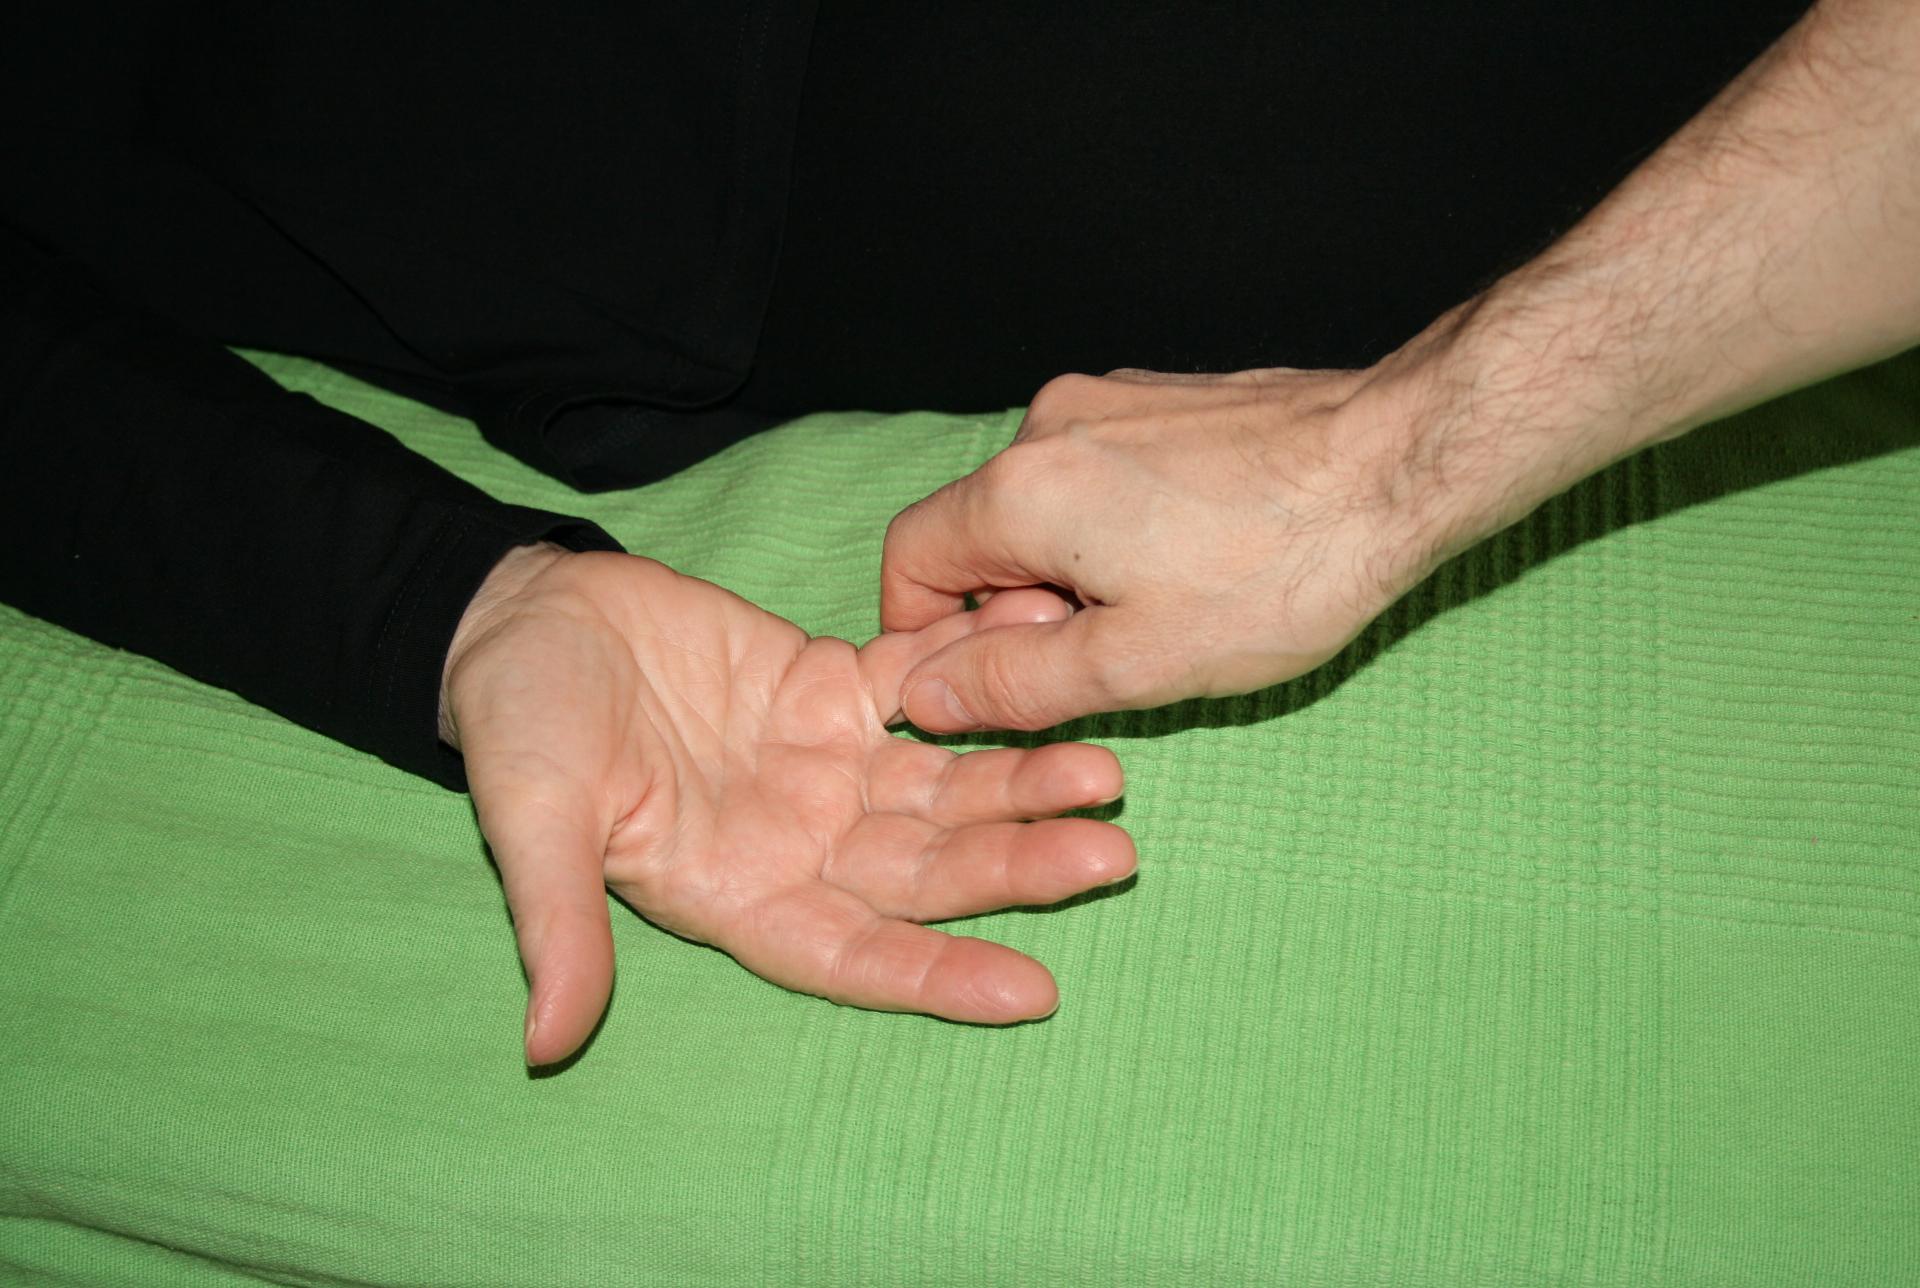 Billedet viser en en klient, der får behandling mod smerter i fingrene.